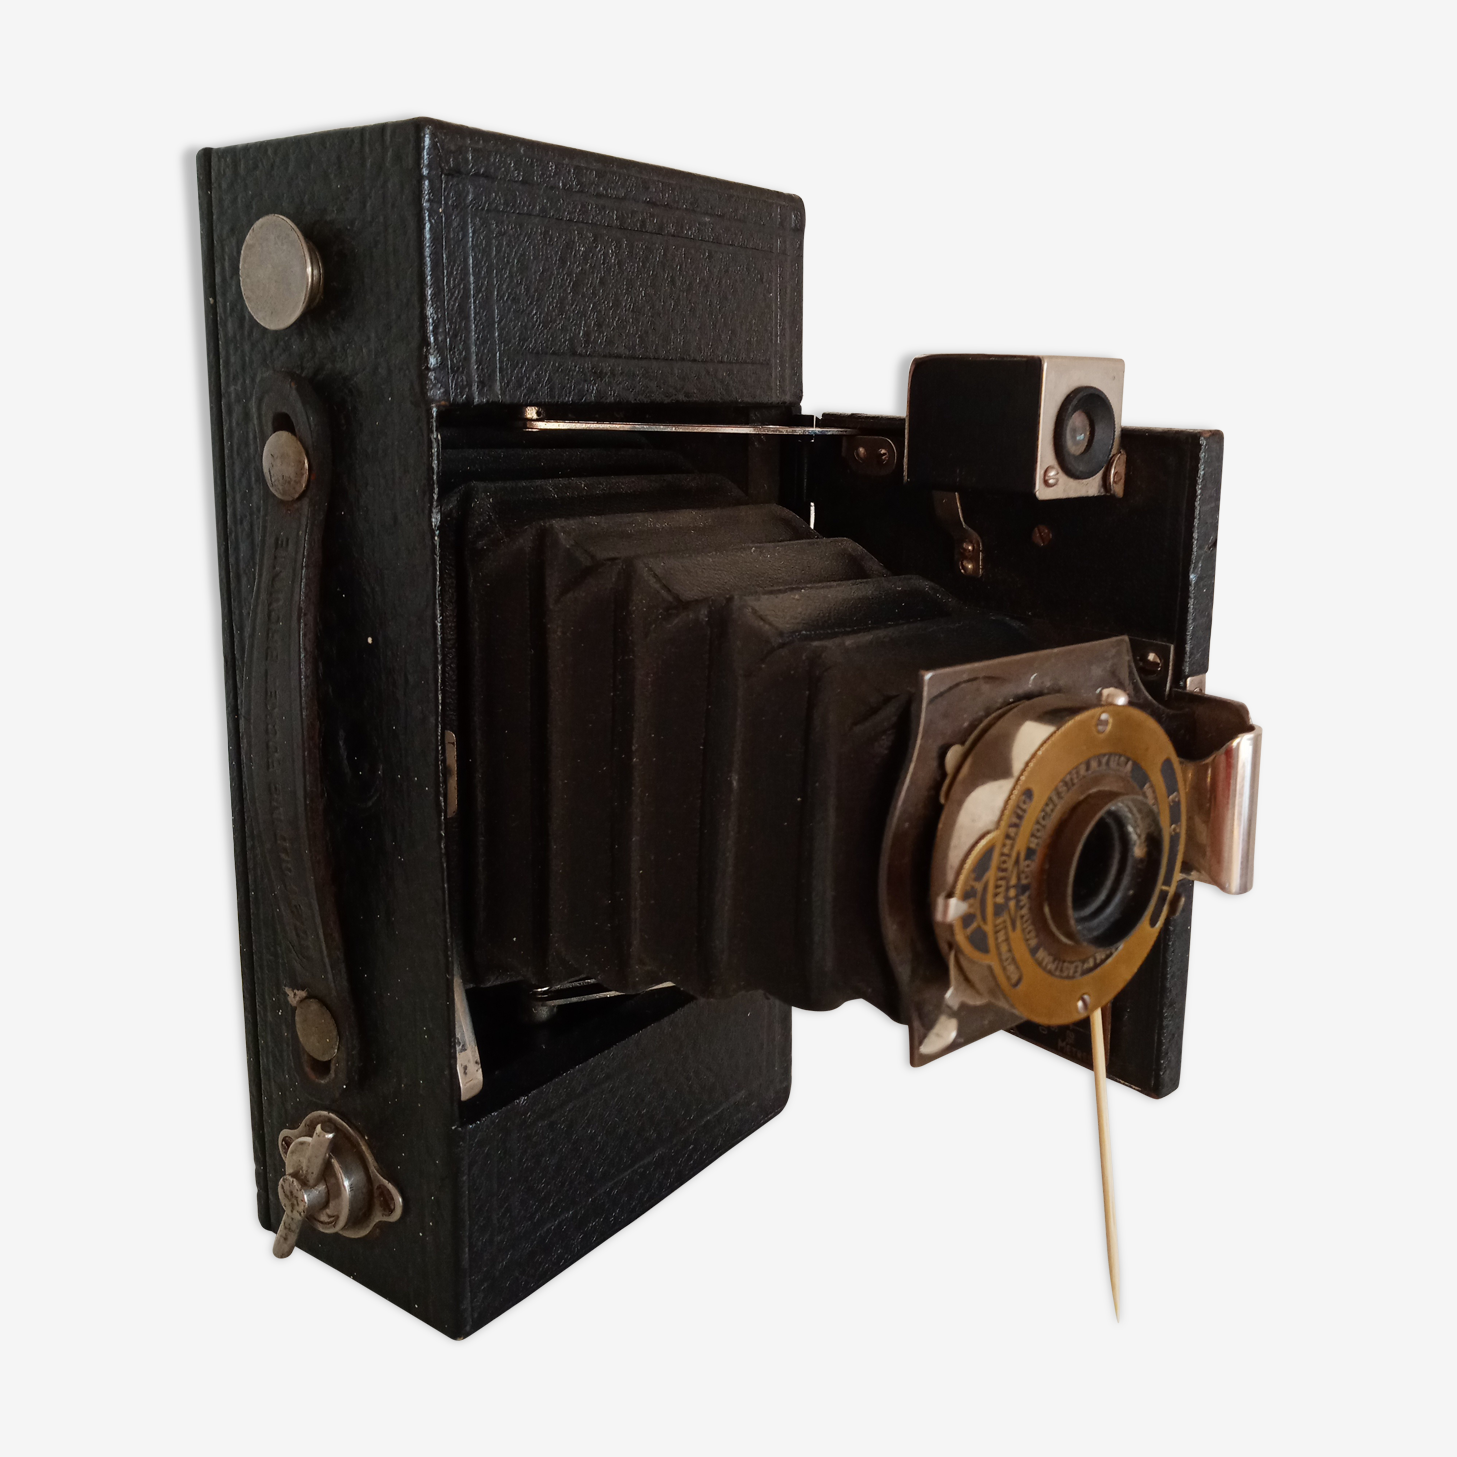 Appareil Kodak 1909 Folding Pocket Brownie  made in USA